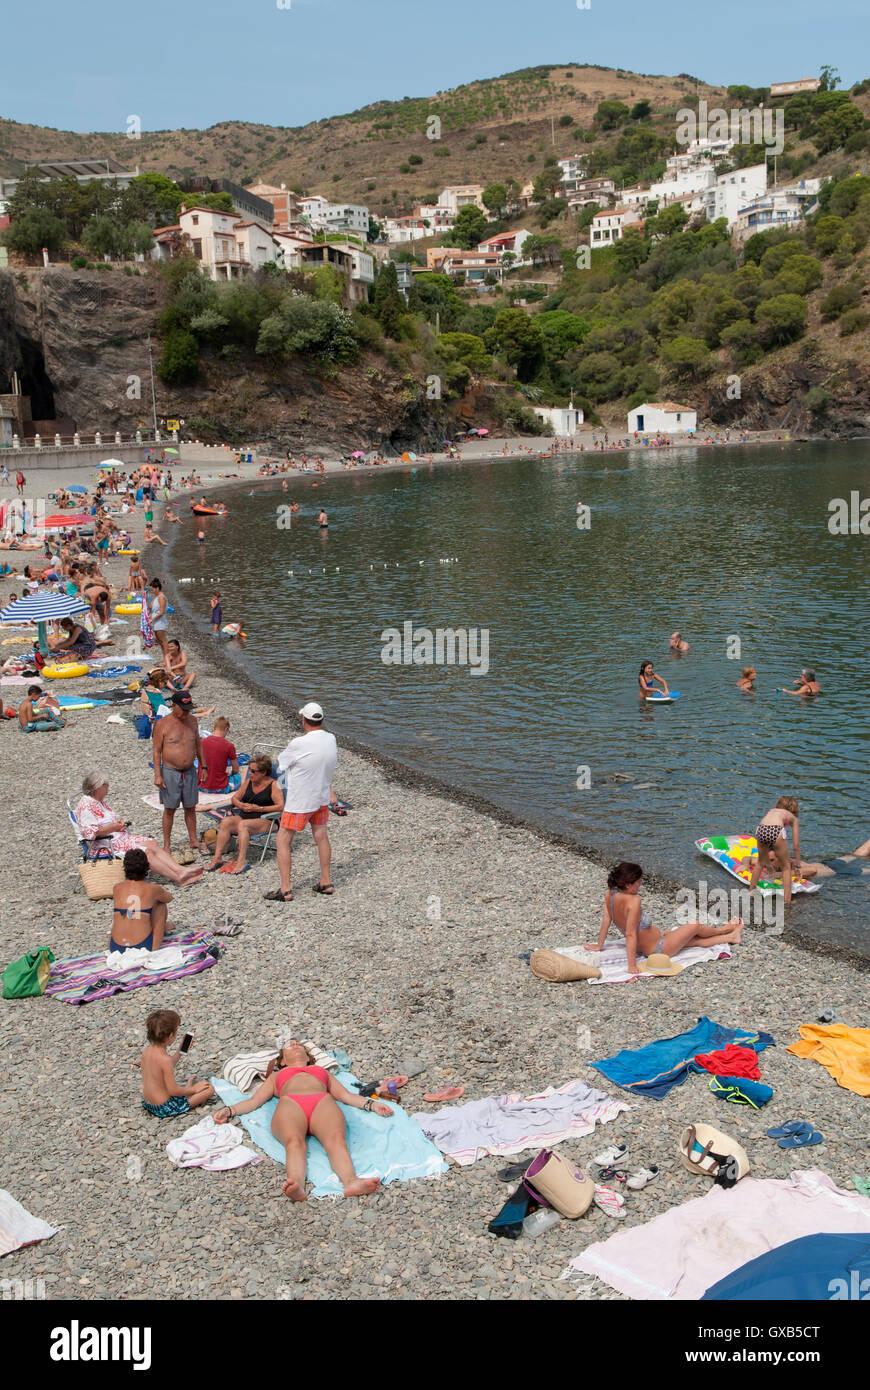 Portbou Provinz Girona, Katalonien, Spanien. HOMER SYKES Stockbild